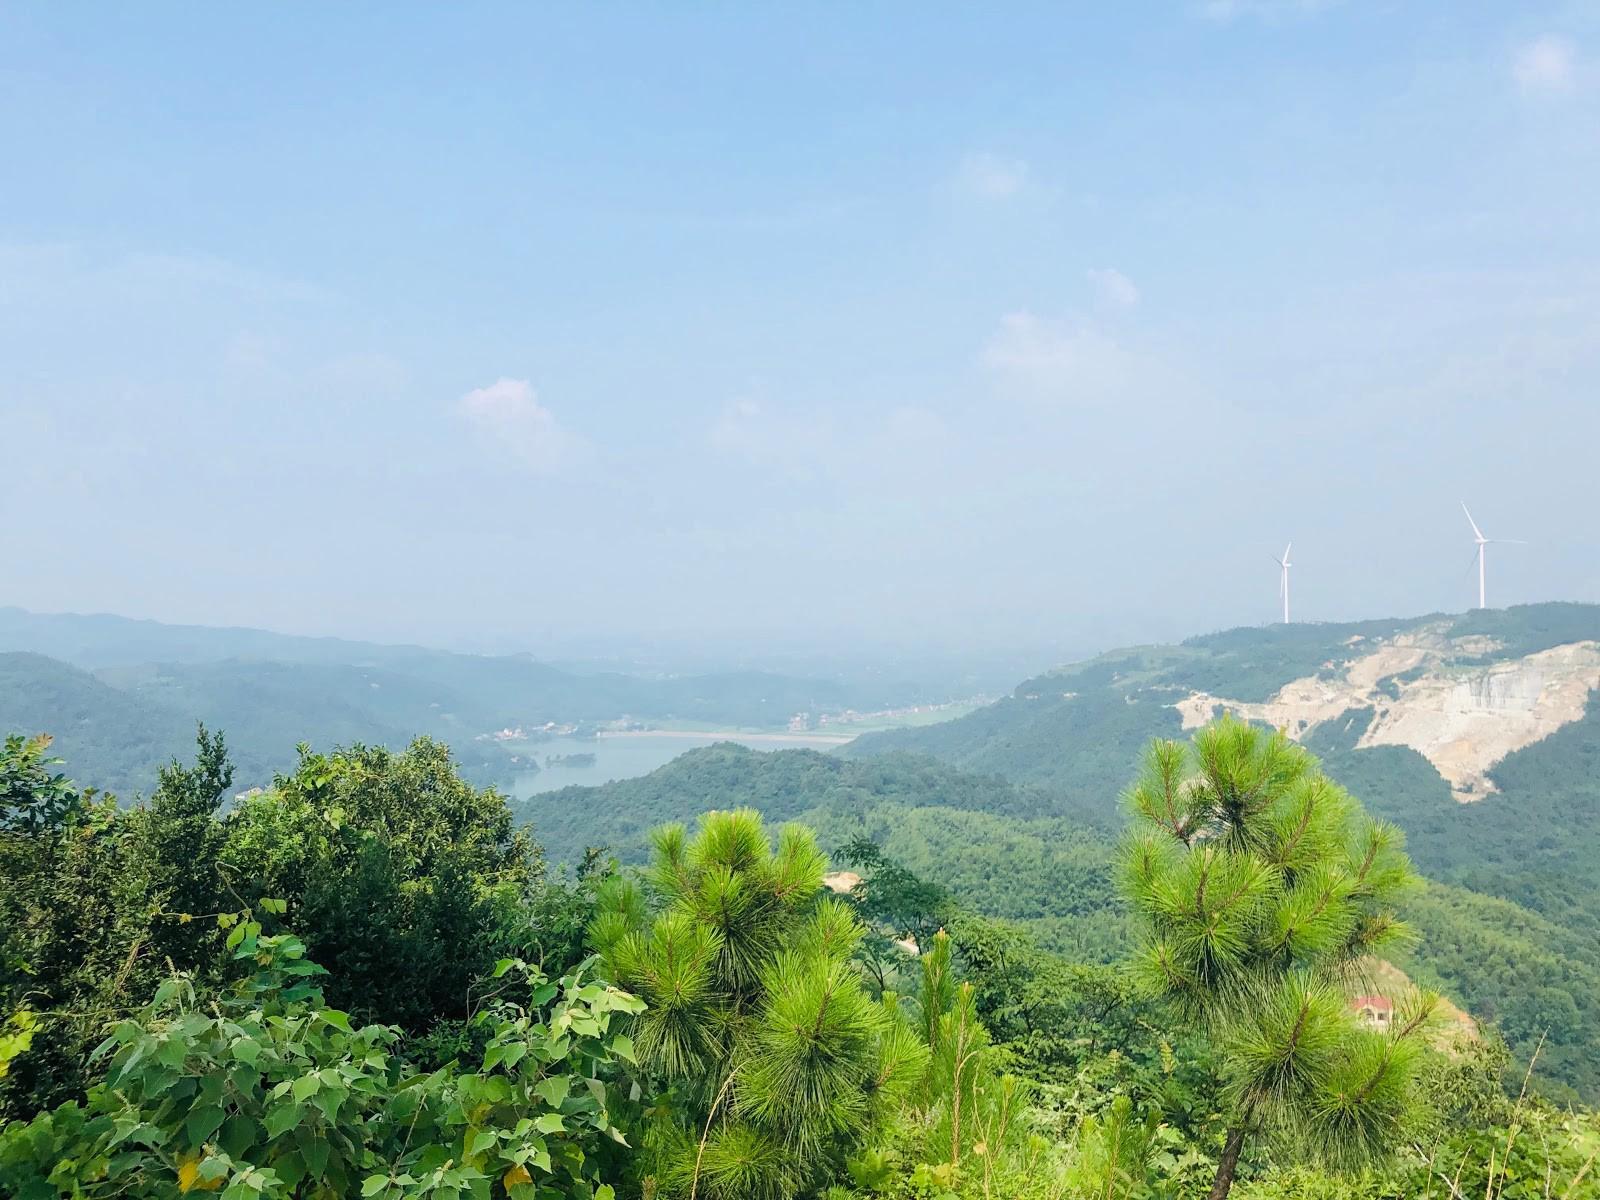 Wind turbines landscape in Yueyang